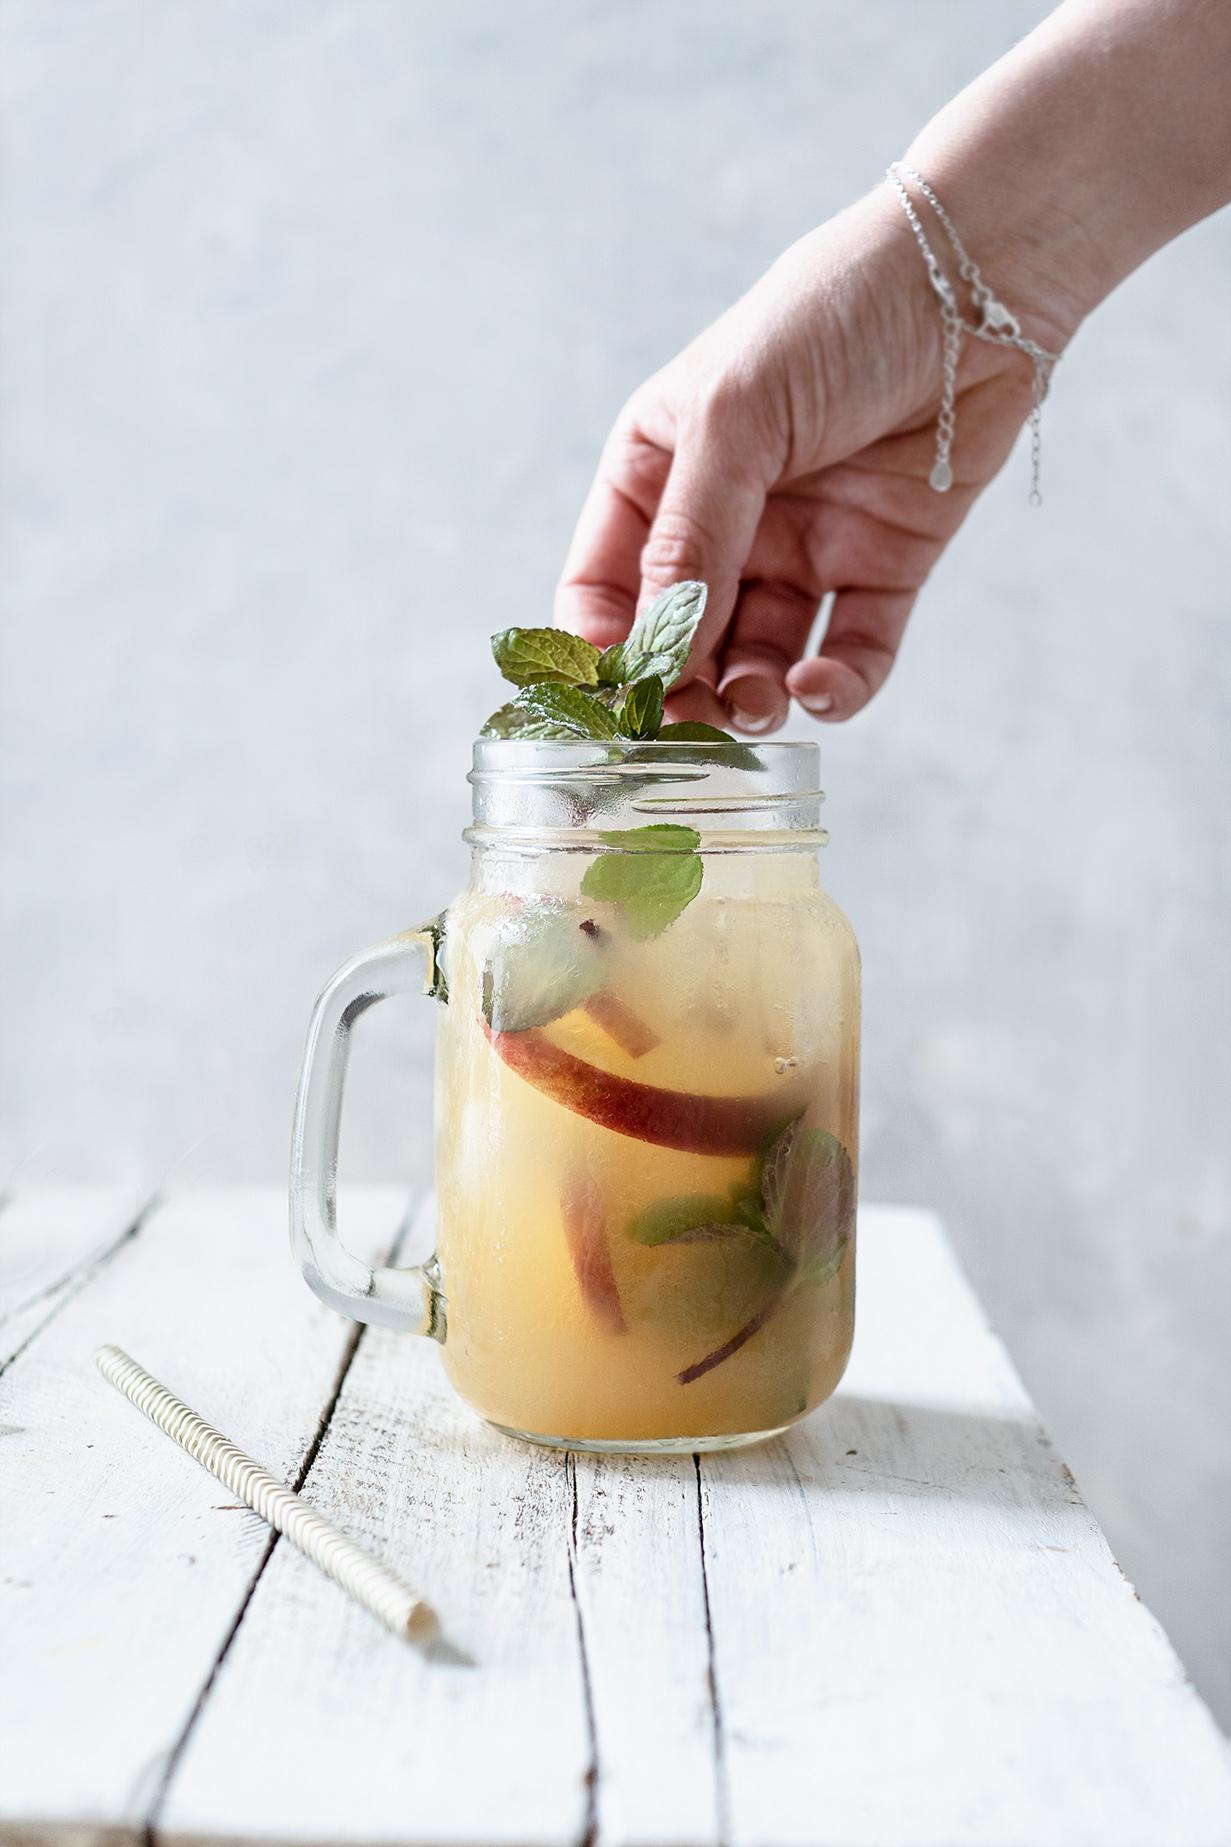 Minze in Apfelerfrischungsgetränk geben